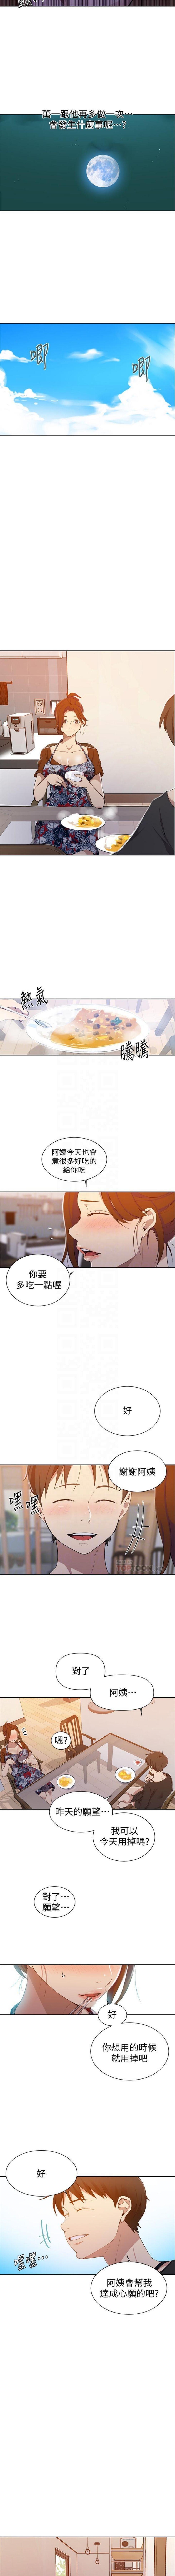 秘密教學  1-50 官方中文(連載中) 279